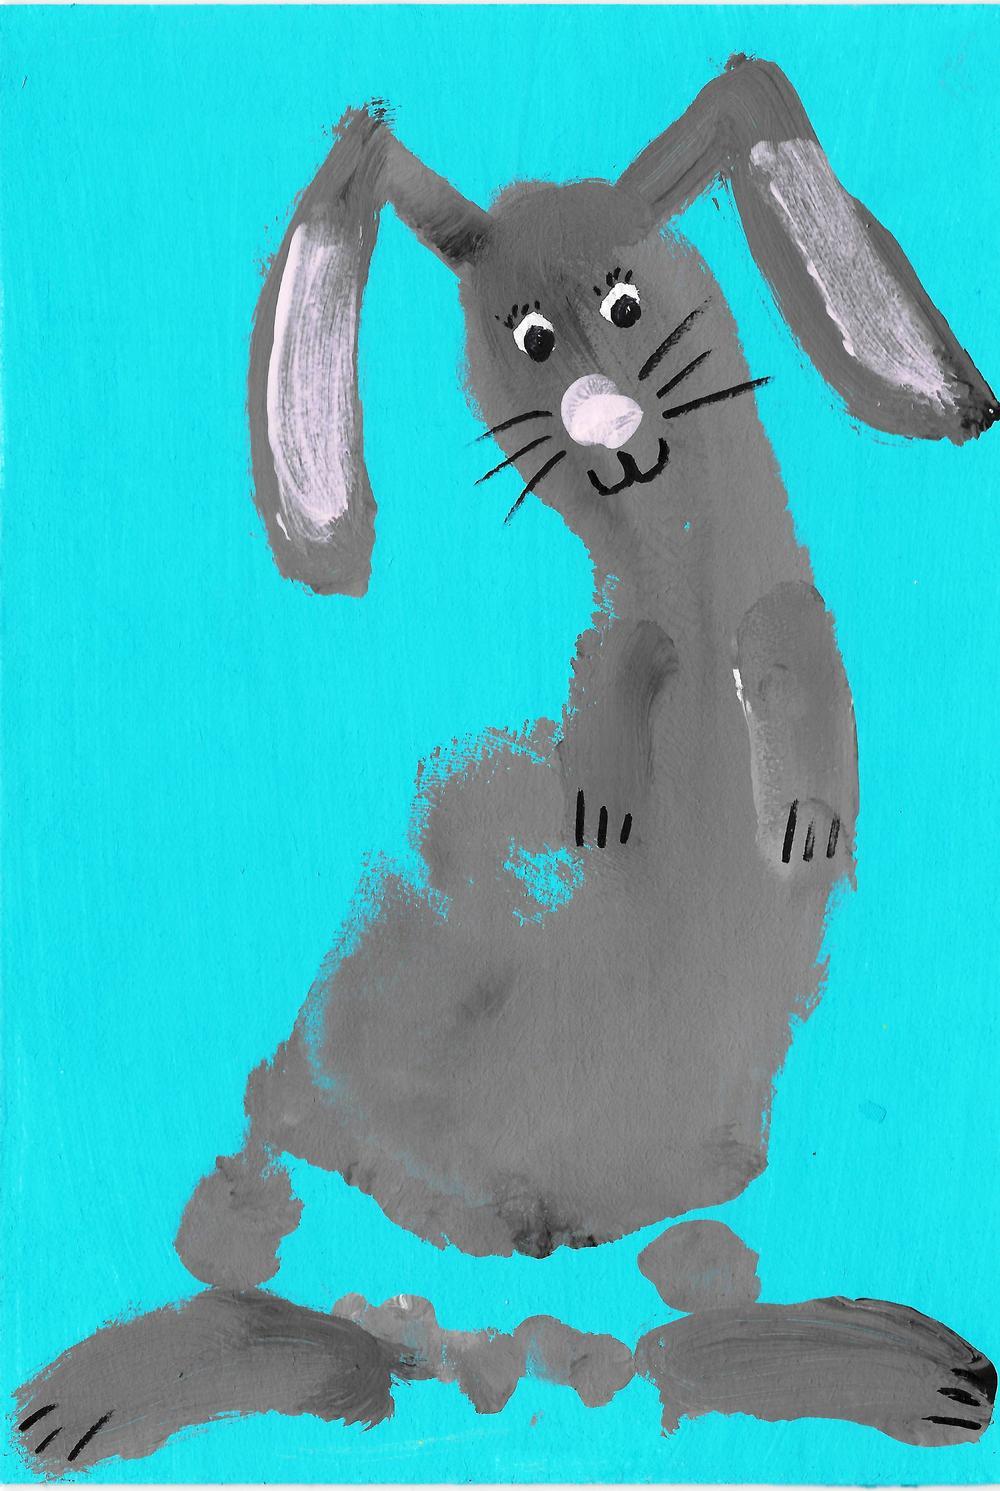 Bunny_AD030516.jpg